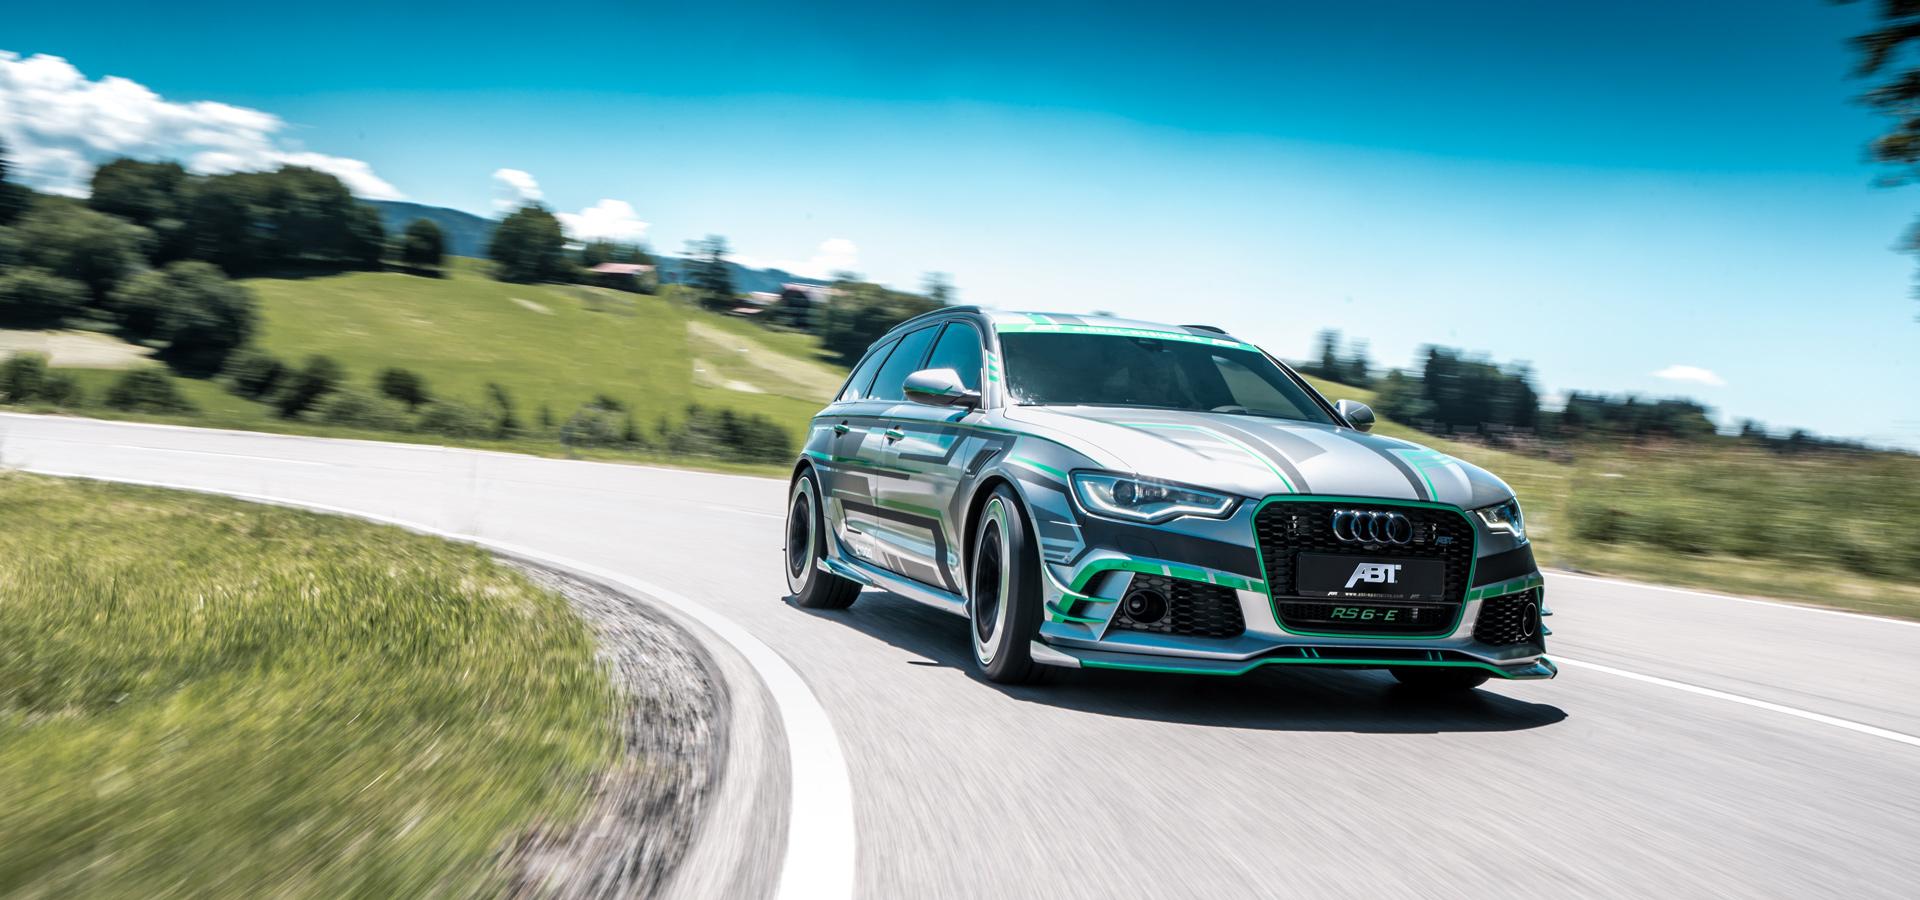 ABT_Audi_RS6-E_Concept_front_fahrend-13